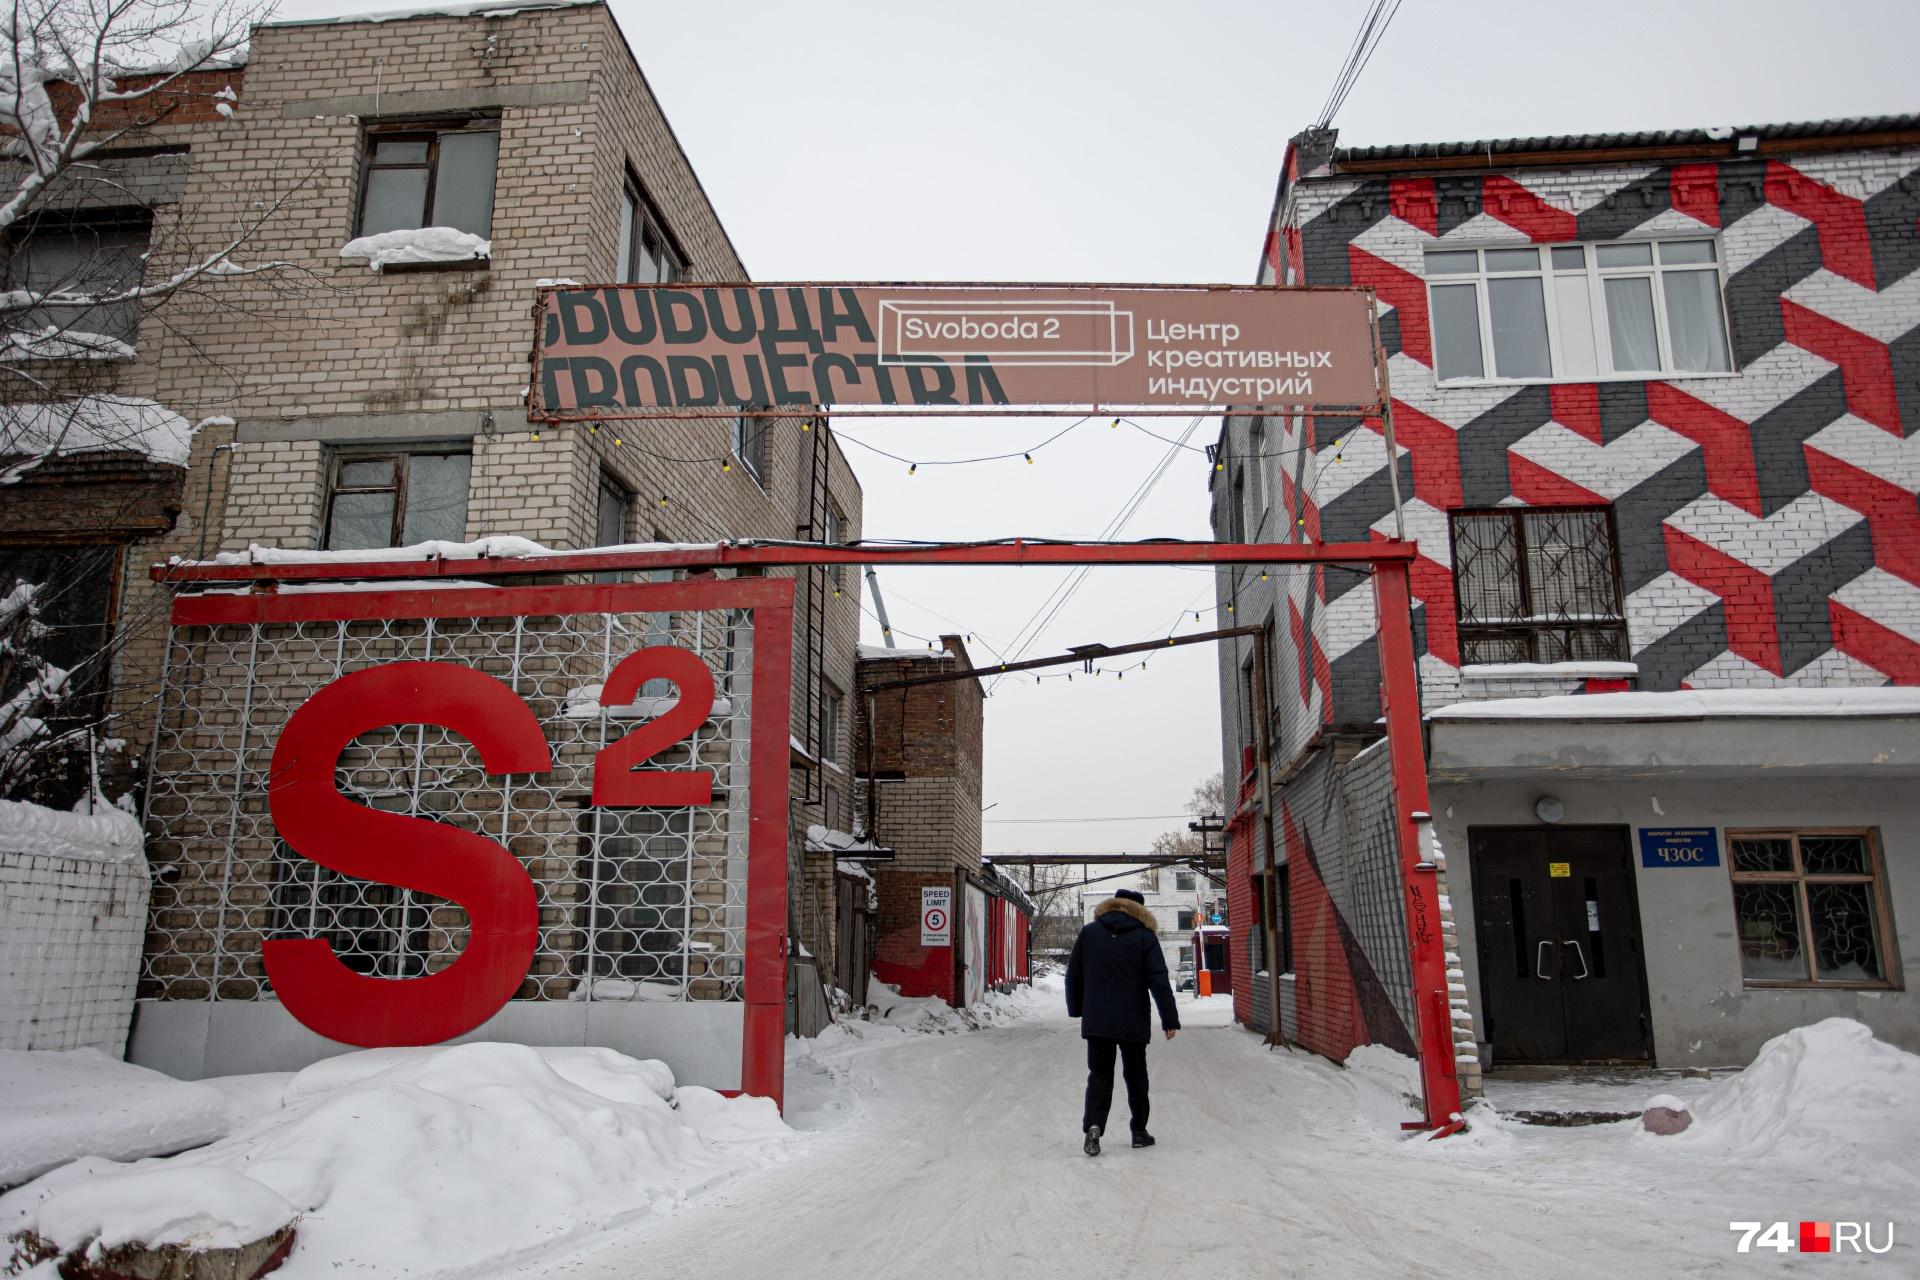 Ворота креативного пространства напоминают заводскую проходную, но корпусам добавили красок